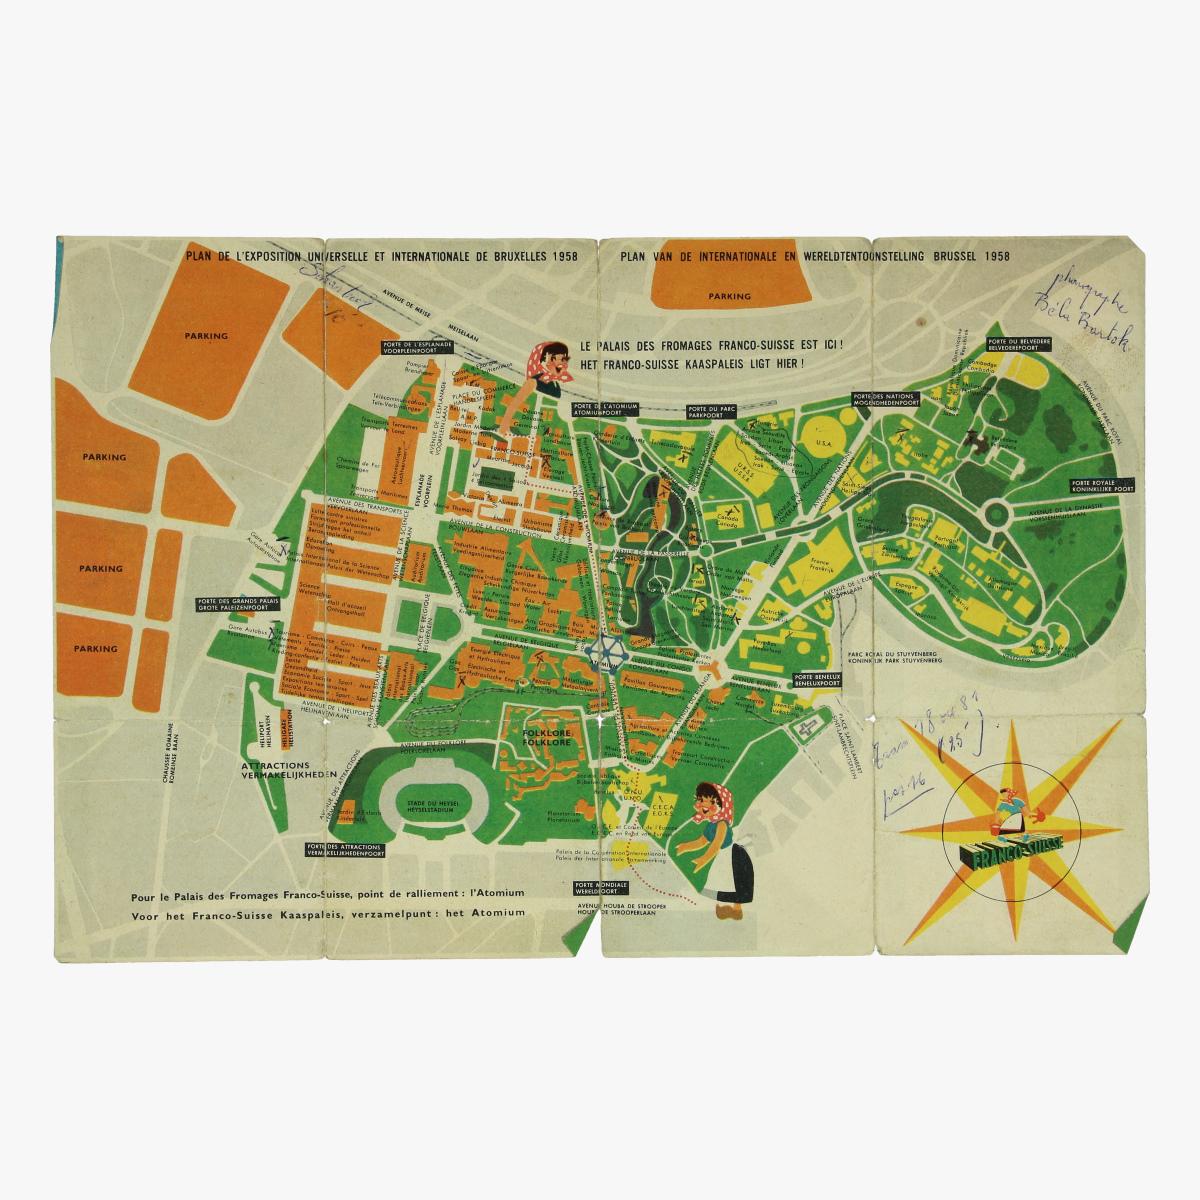 Afbeeldingen van expo 58 flyer palais des fromages franco-suisse grondplan